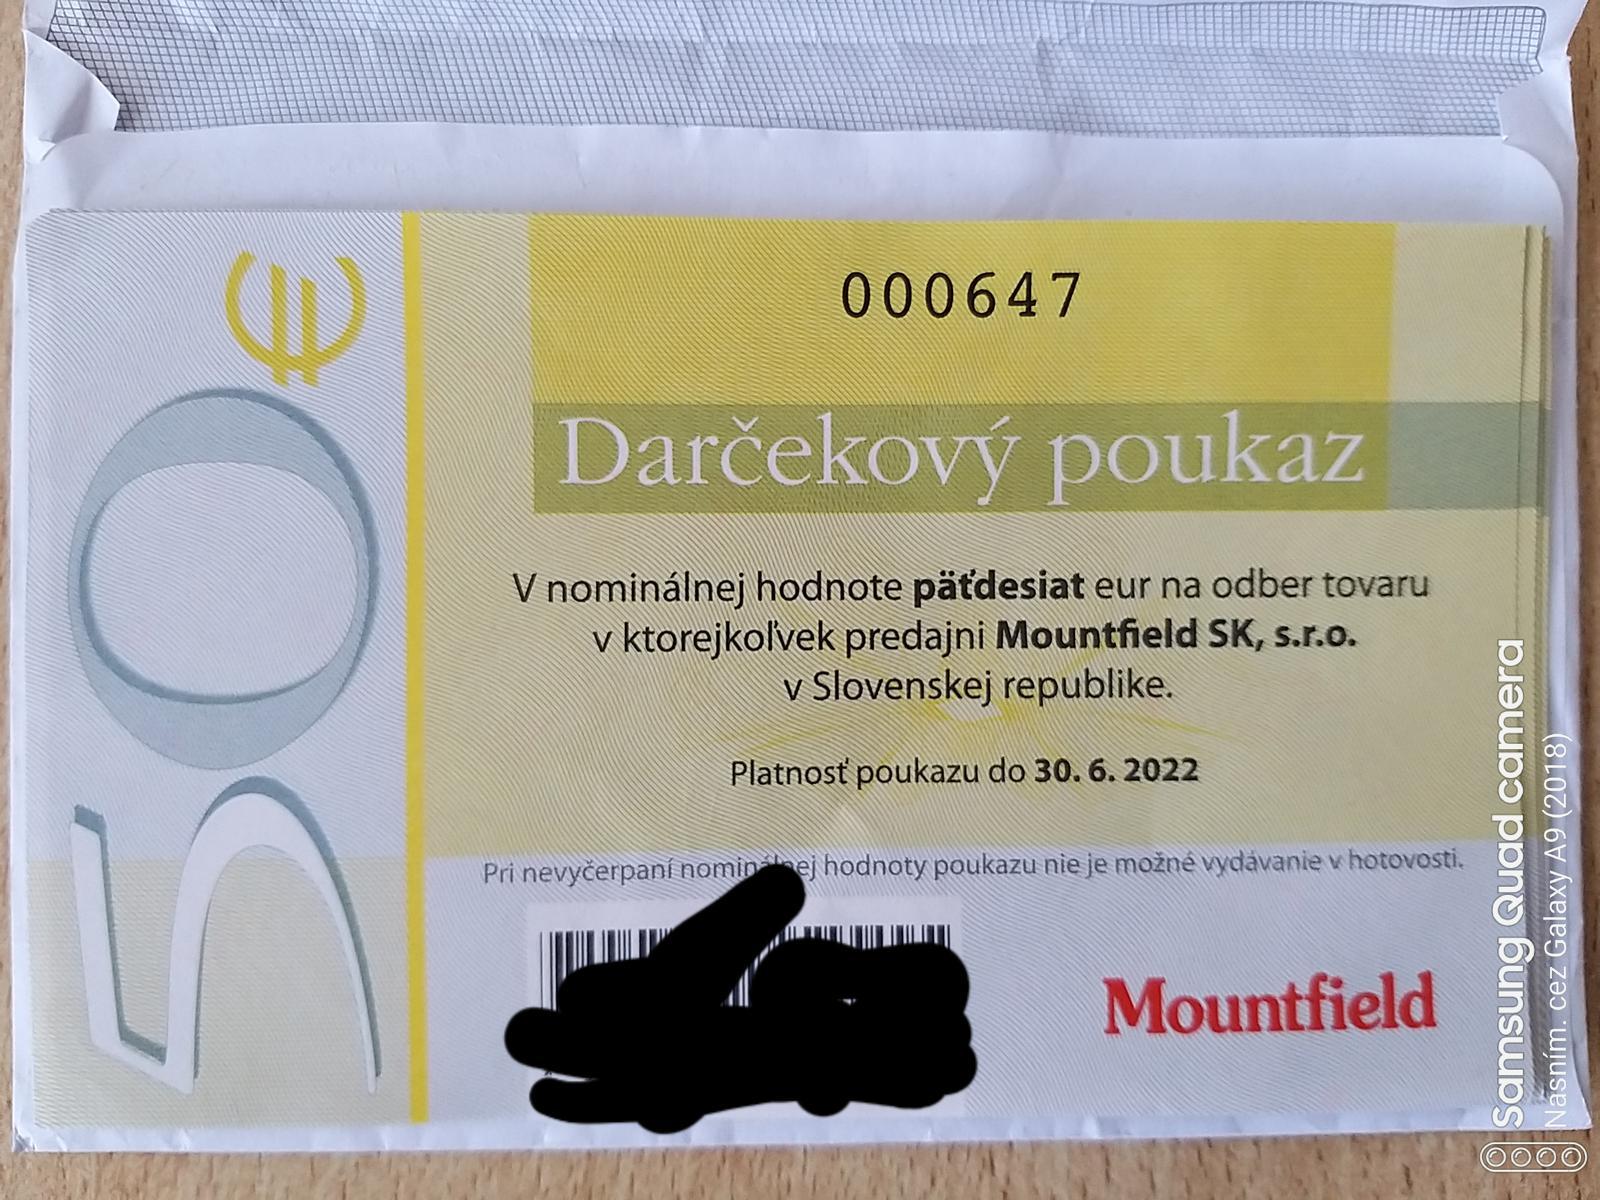 Poukážky Moutfield v hodnote 250€ výhodné za 220€ - Obrázok č. 1